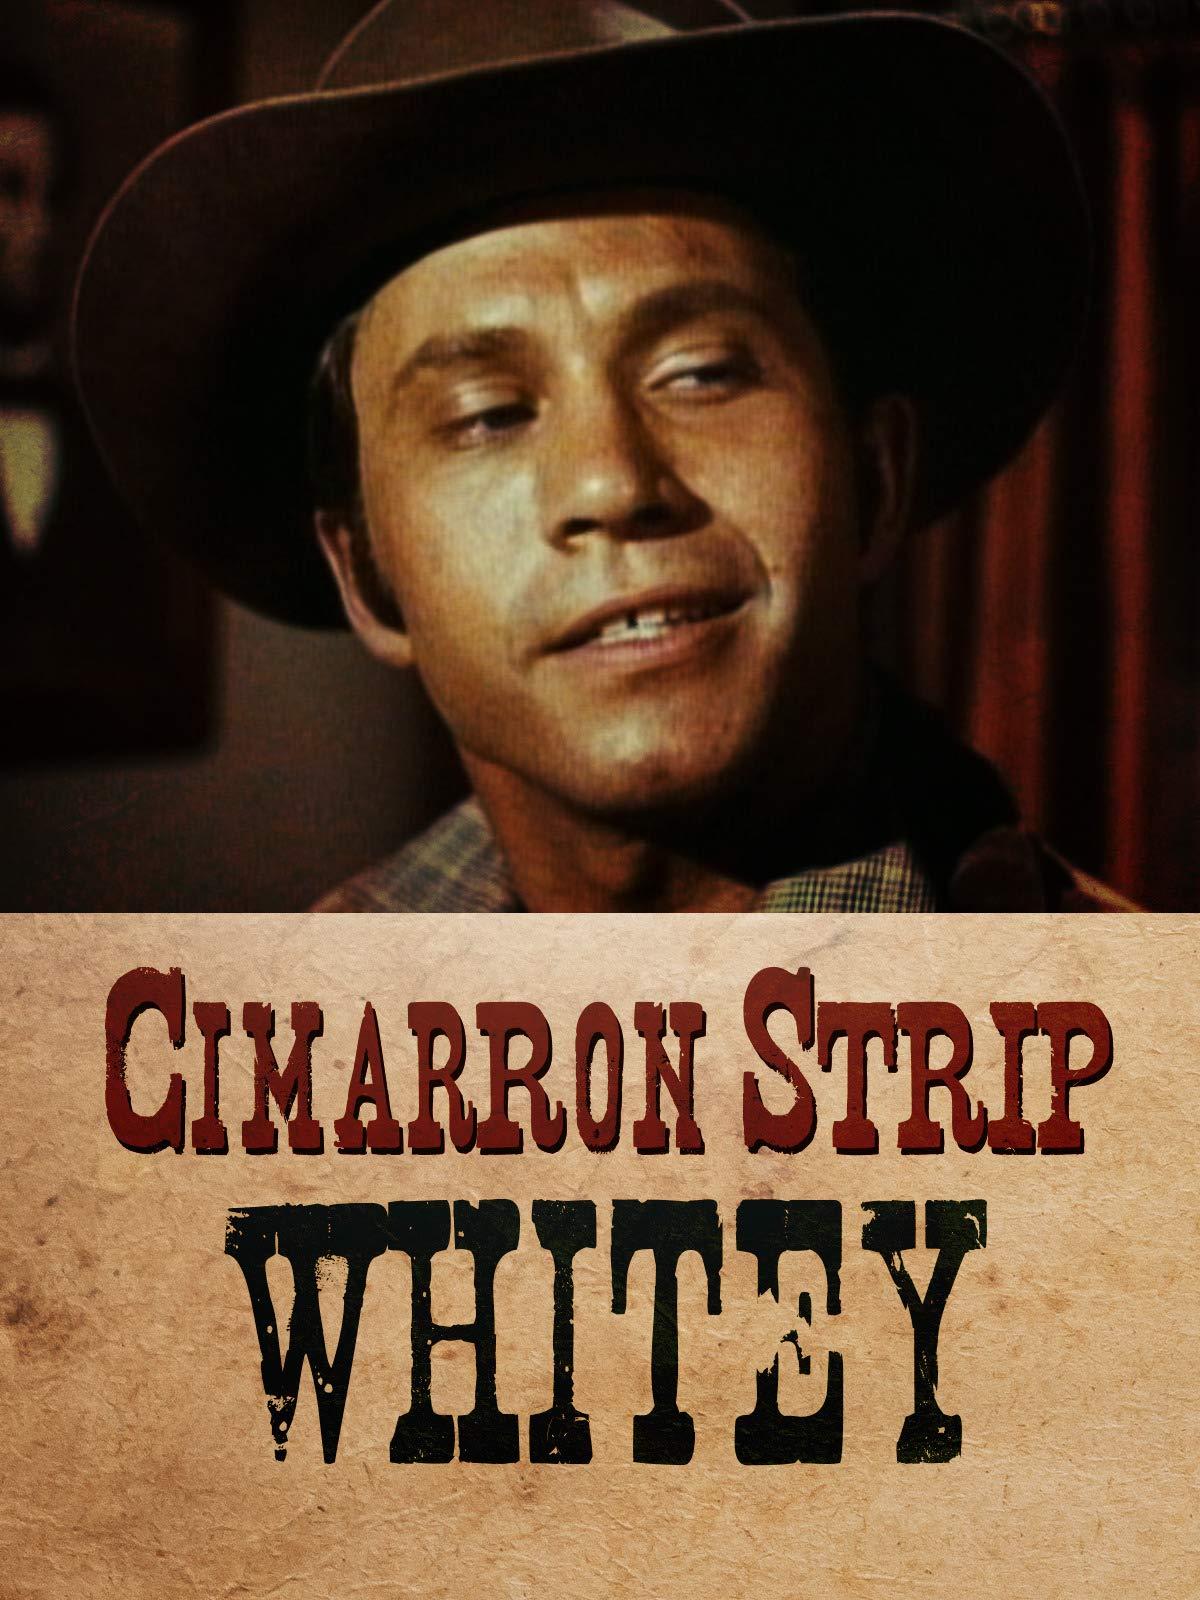 Cimarron Strip - Whitey on Amazon Prime Video UK